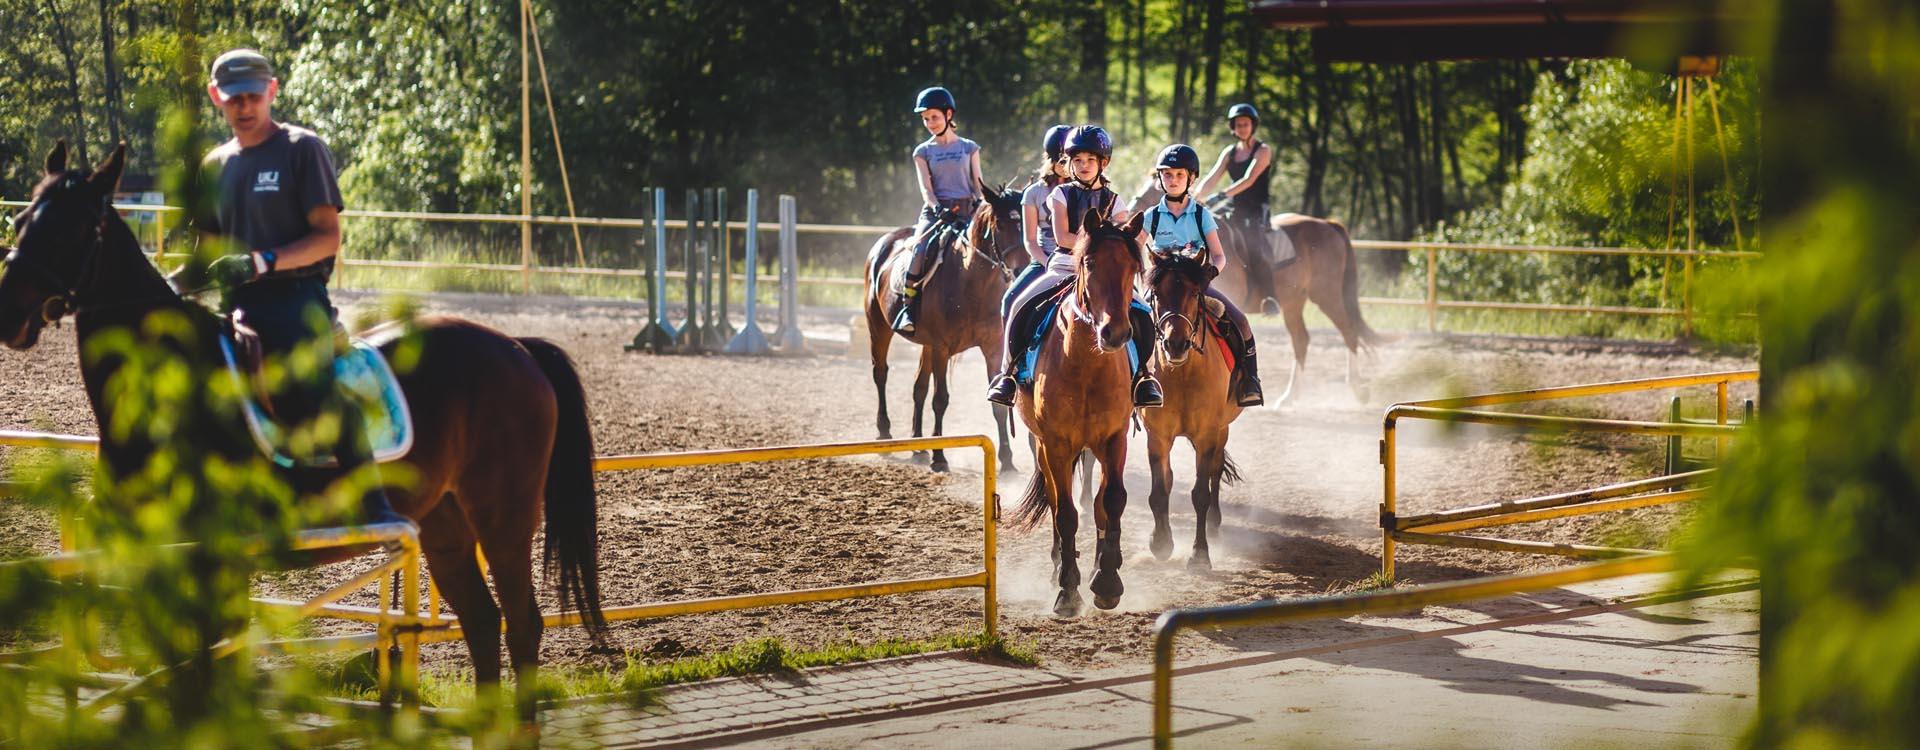 Boska Dolina - nauka jazdy konnej, Stadnina koni w Dylągówce, konie Rzeszów, jazda konna Rzeszów, agroturystyka, noclegi, wypoczynek aktywny